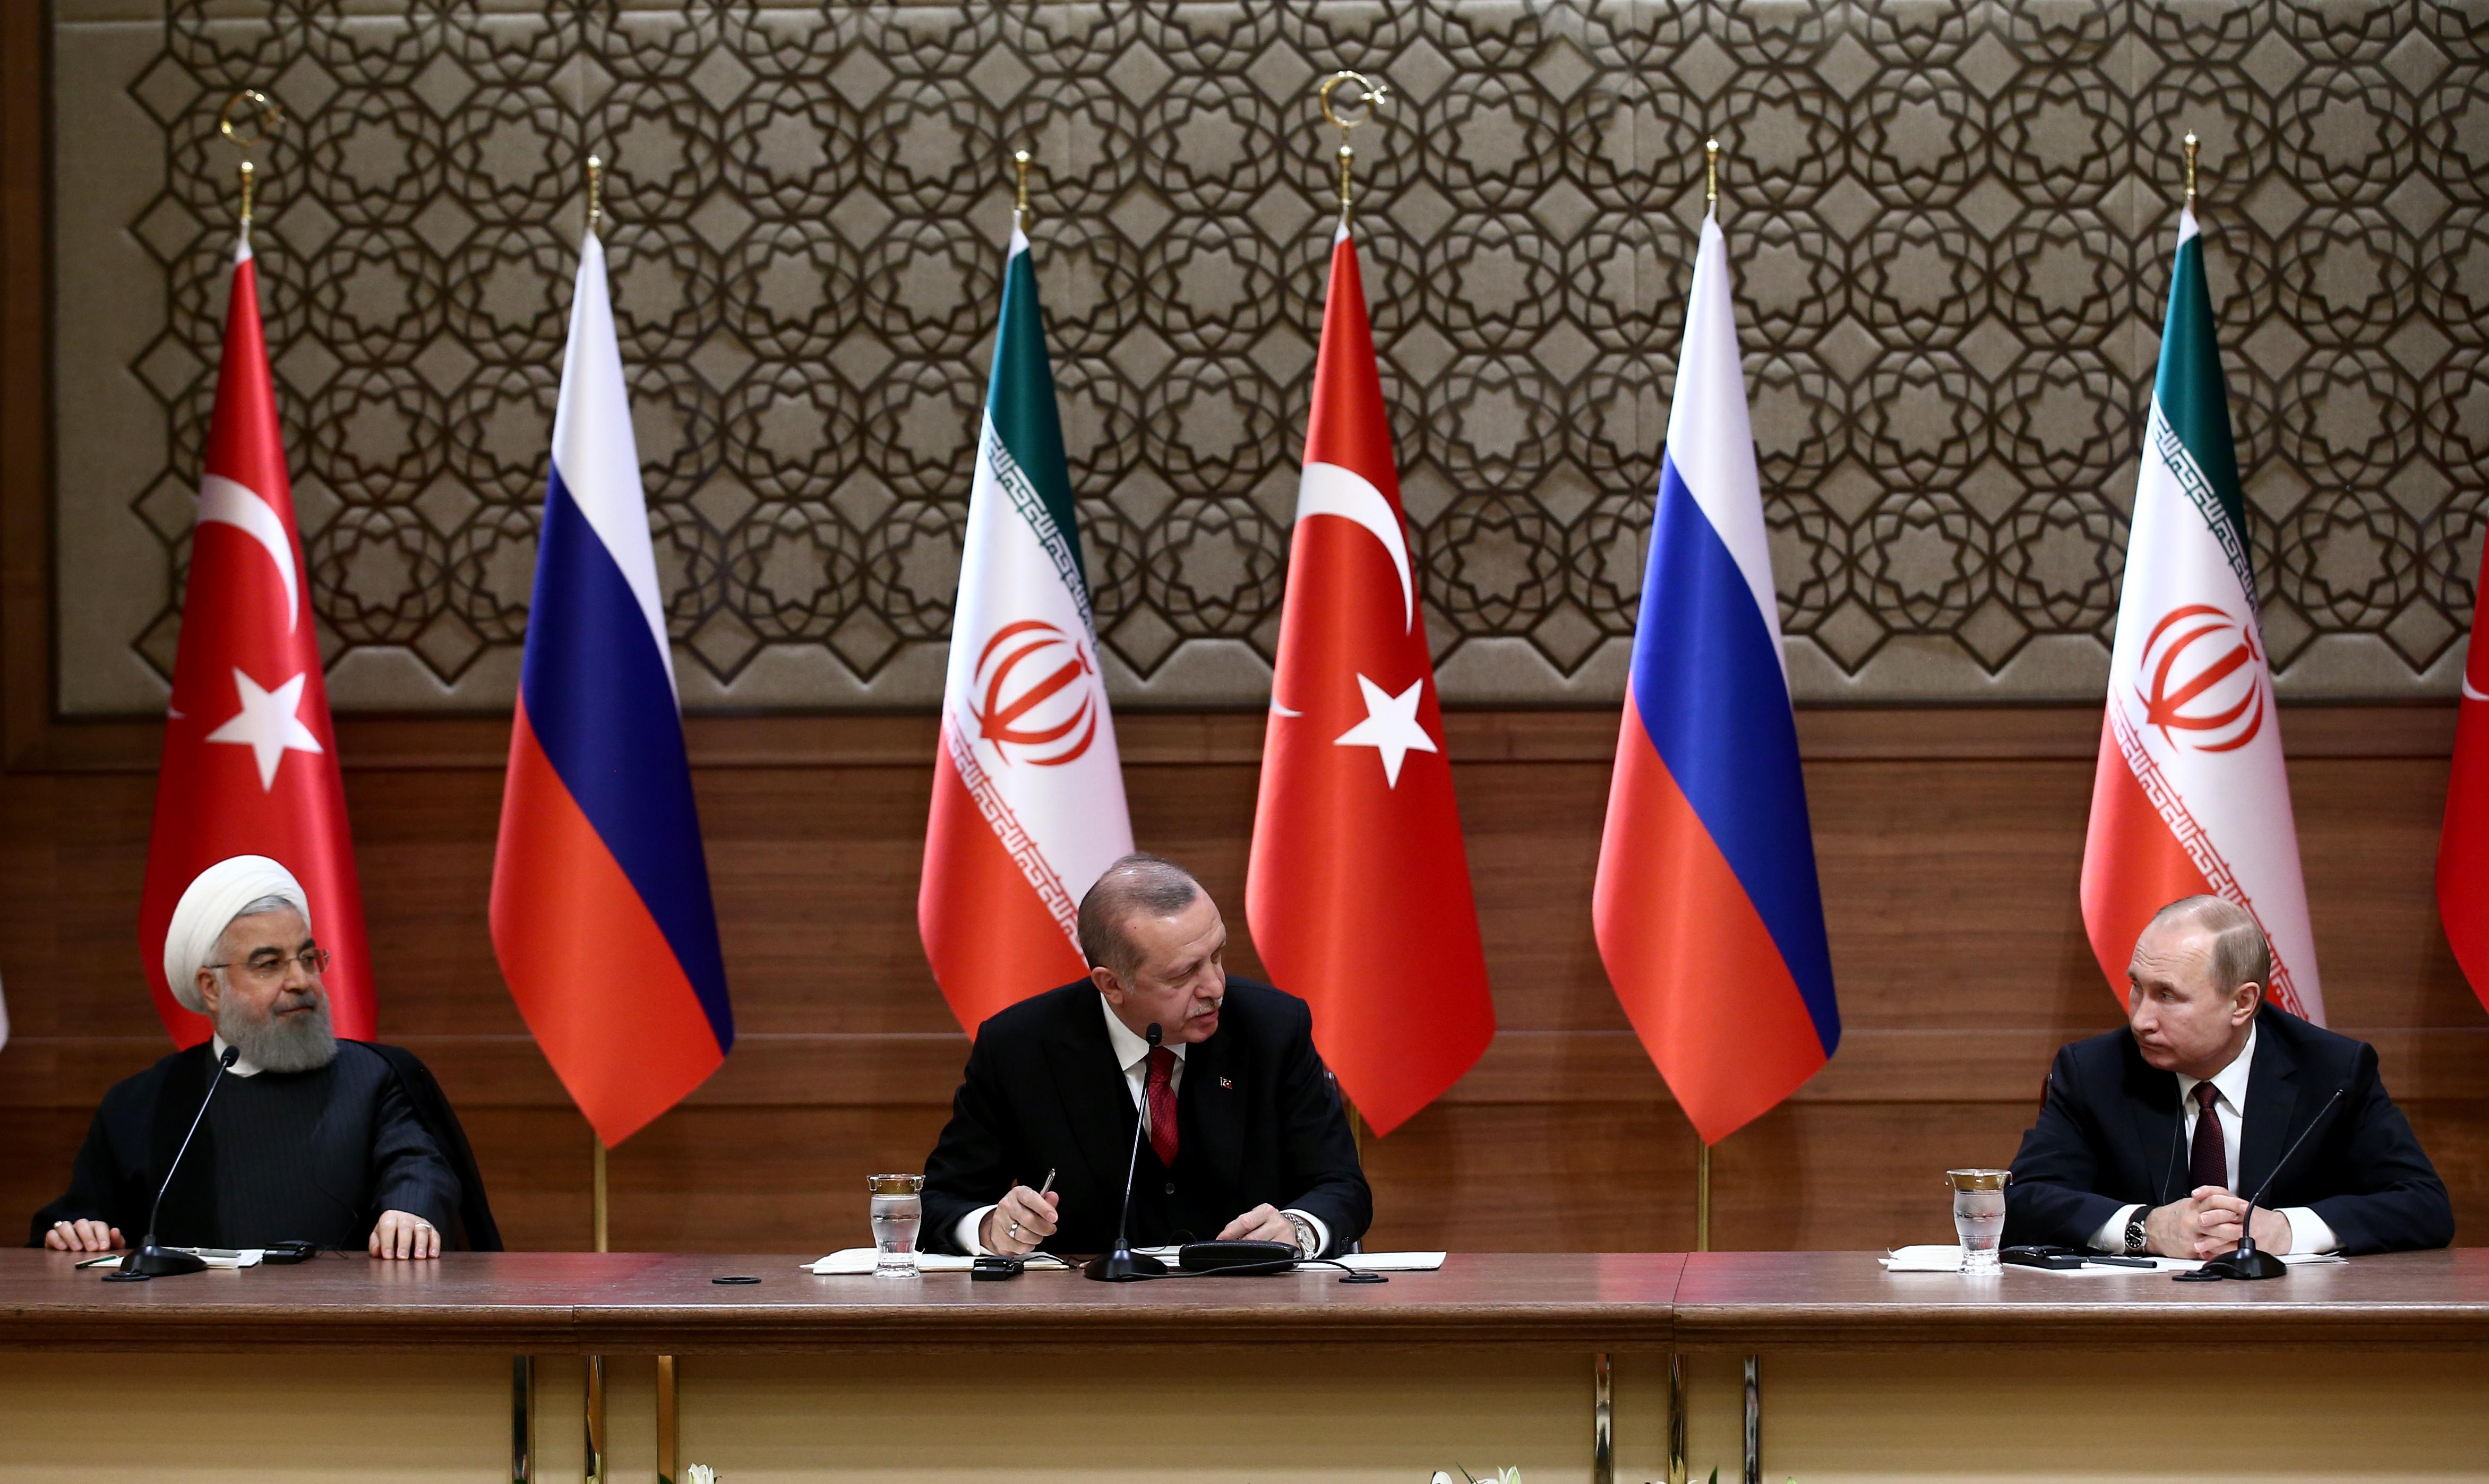 كاتب: مواجهة غير مباشرة بين تركيا وروسيا شمالي غربي سوريا؟   ترك برس